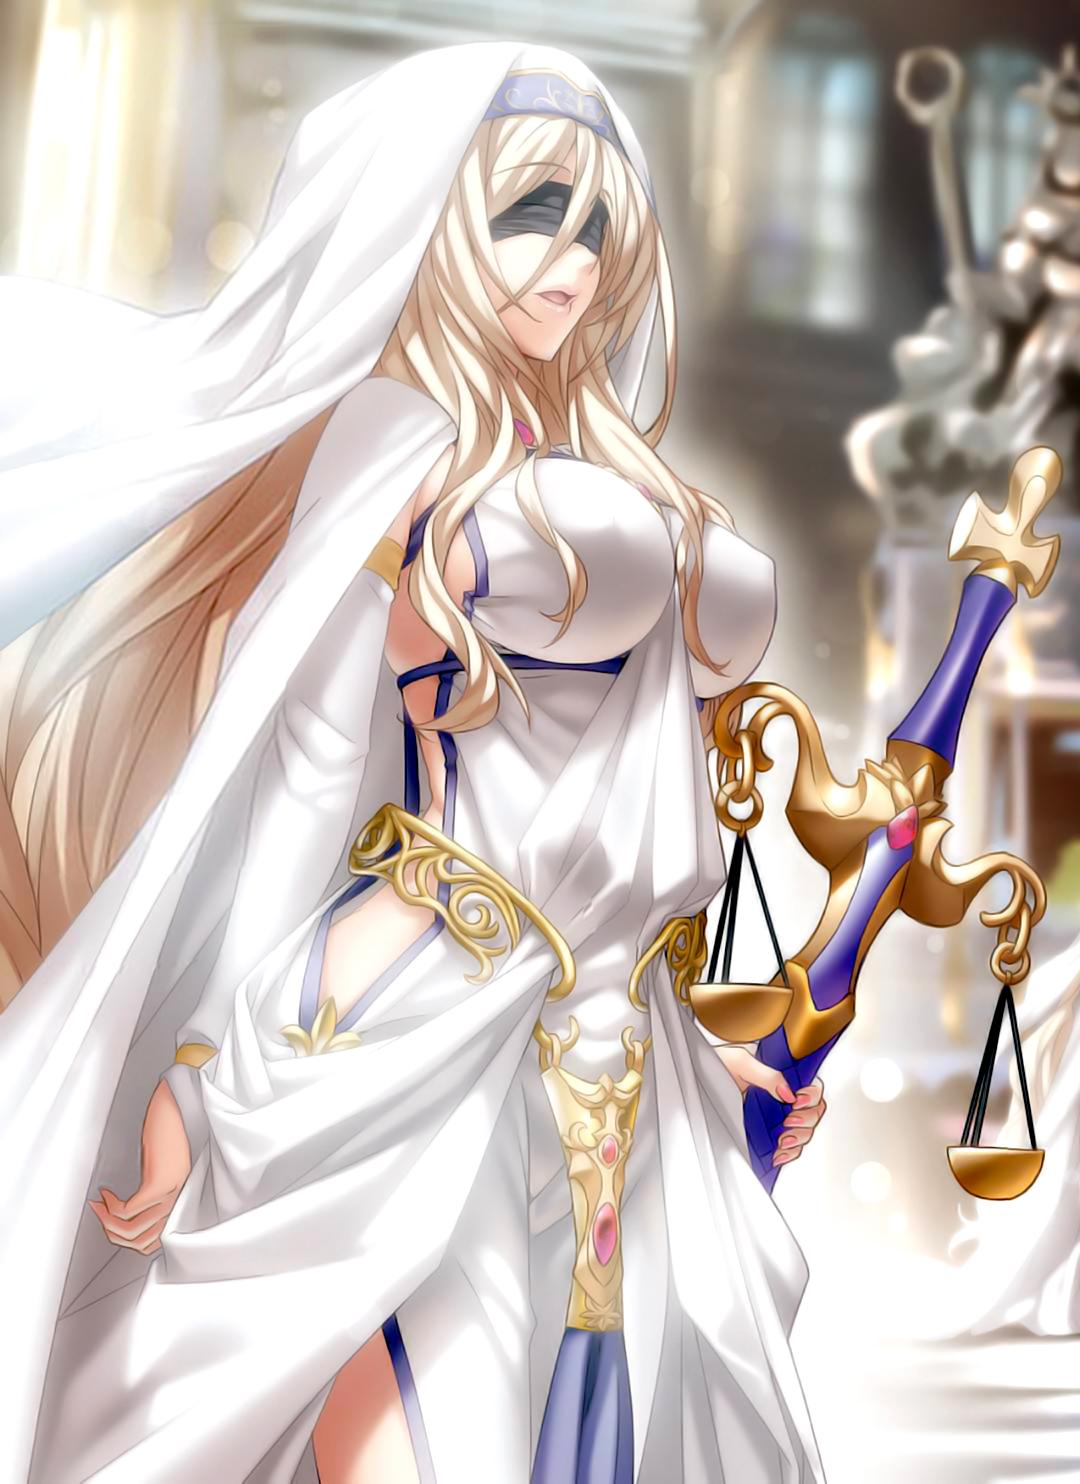 Sword Maiden | Goblin Slayer Wiki | FANDOM powered by Wikia